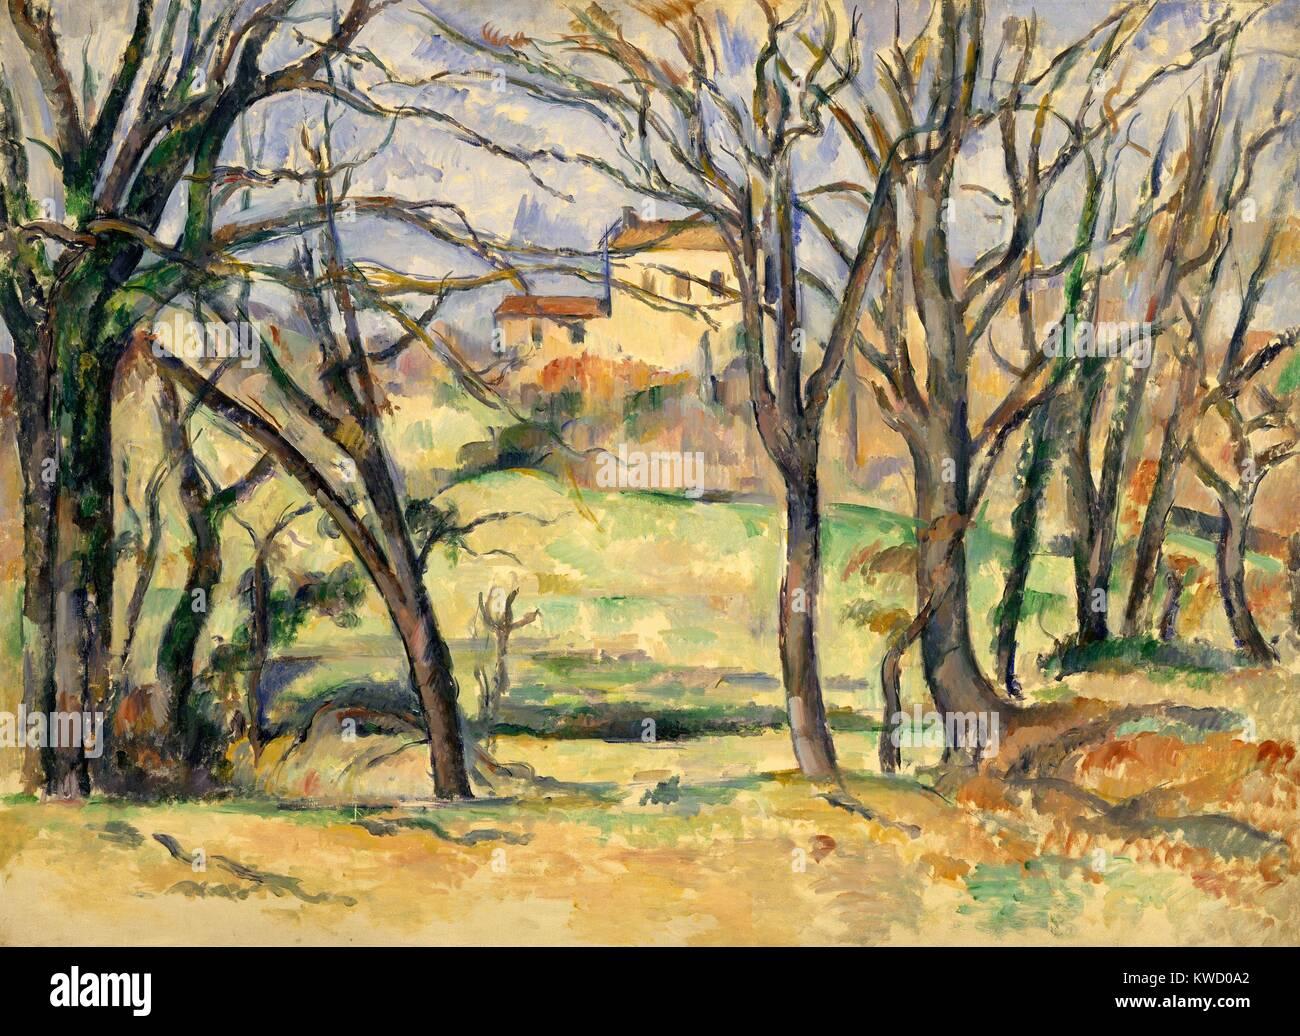 Alberi e case nei pressi del Jas de Bouffan, di Paul Cezanne, 1885-86, Francese Post-Impressionism. Questo è Immagini Stock